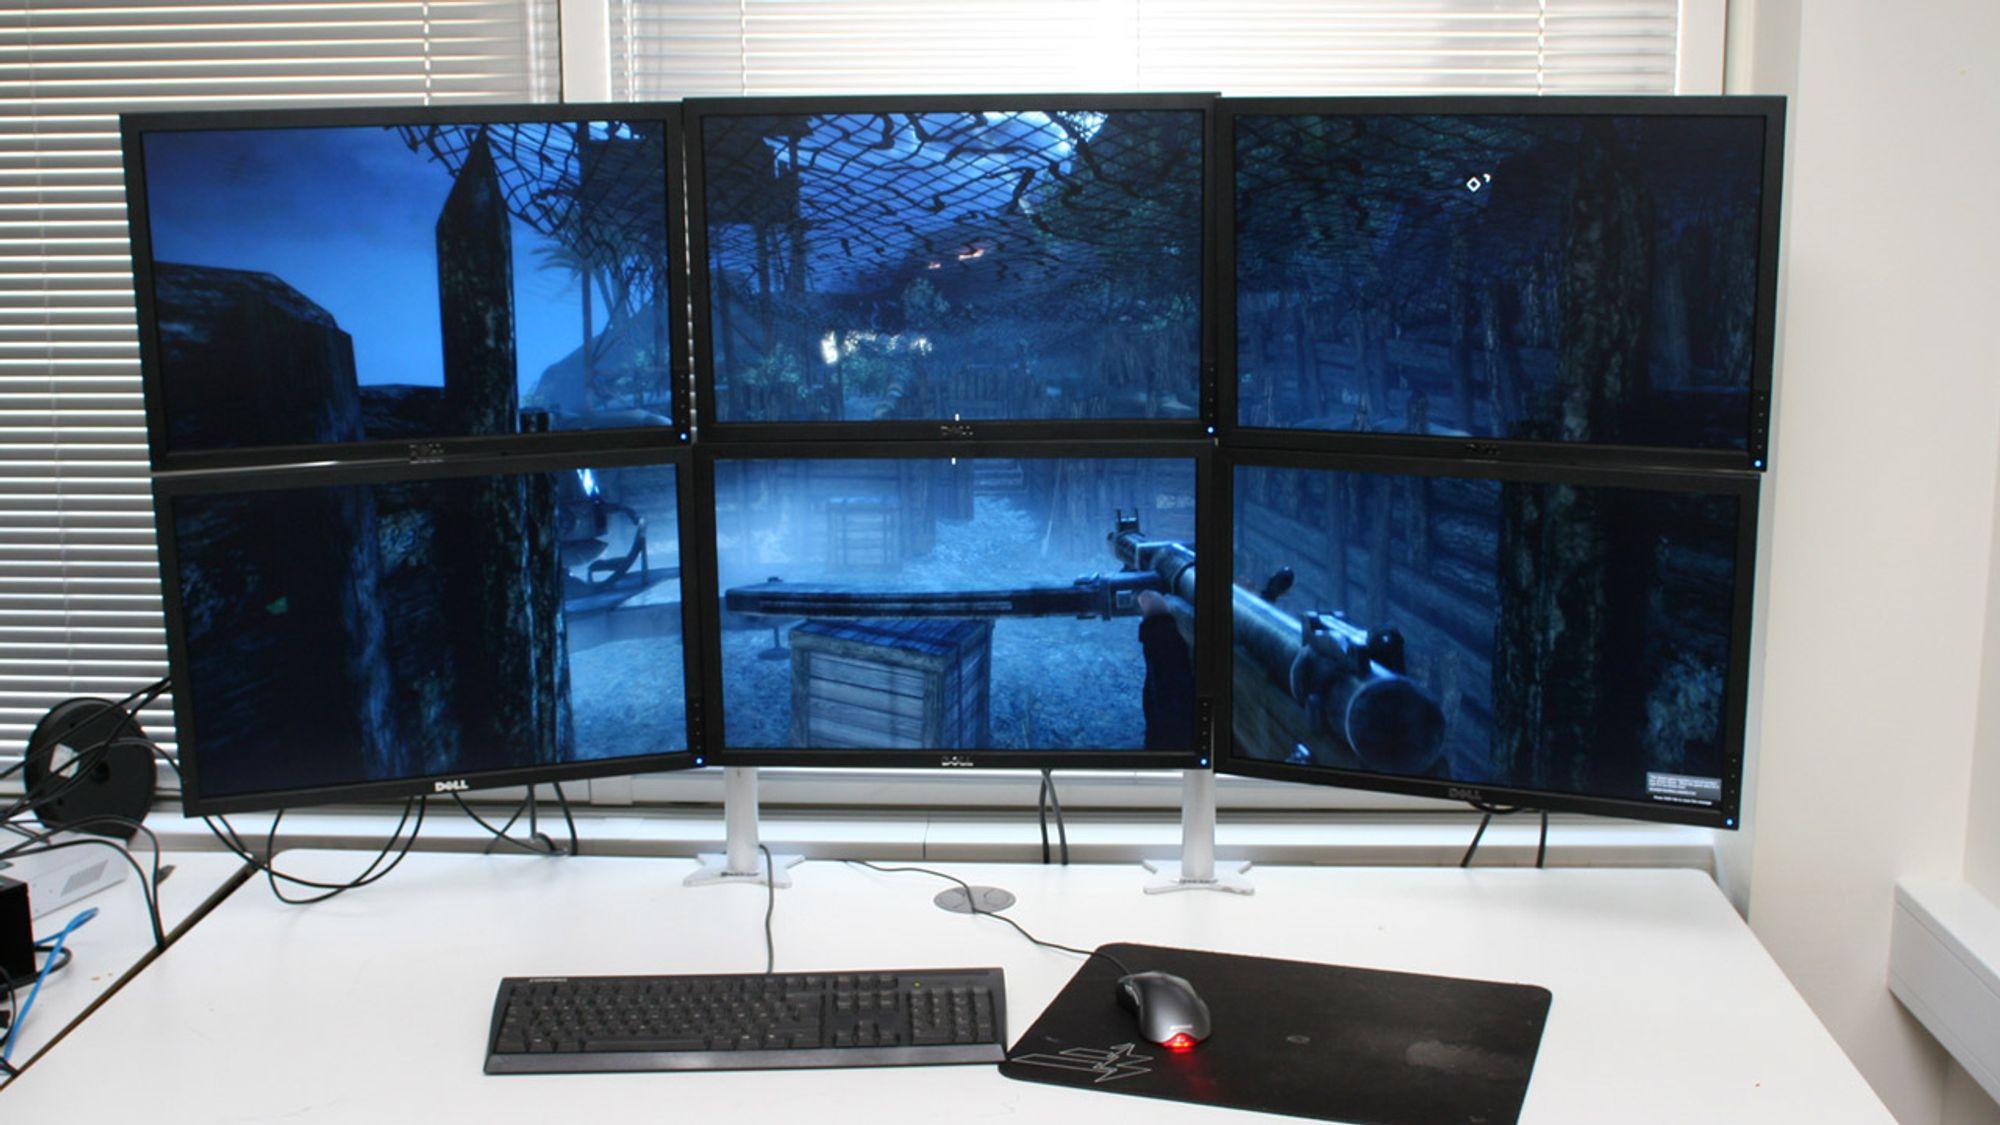 Les Irriterer du deg over de tykke skjermkantene?